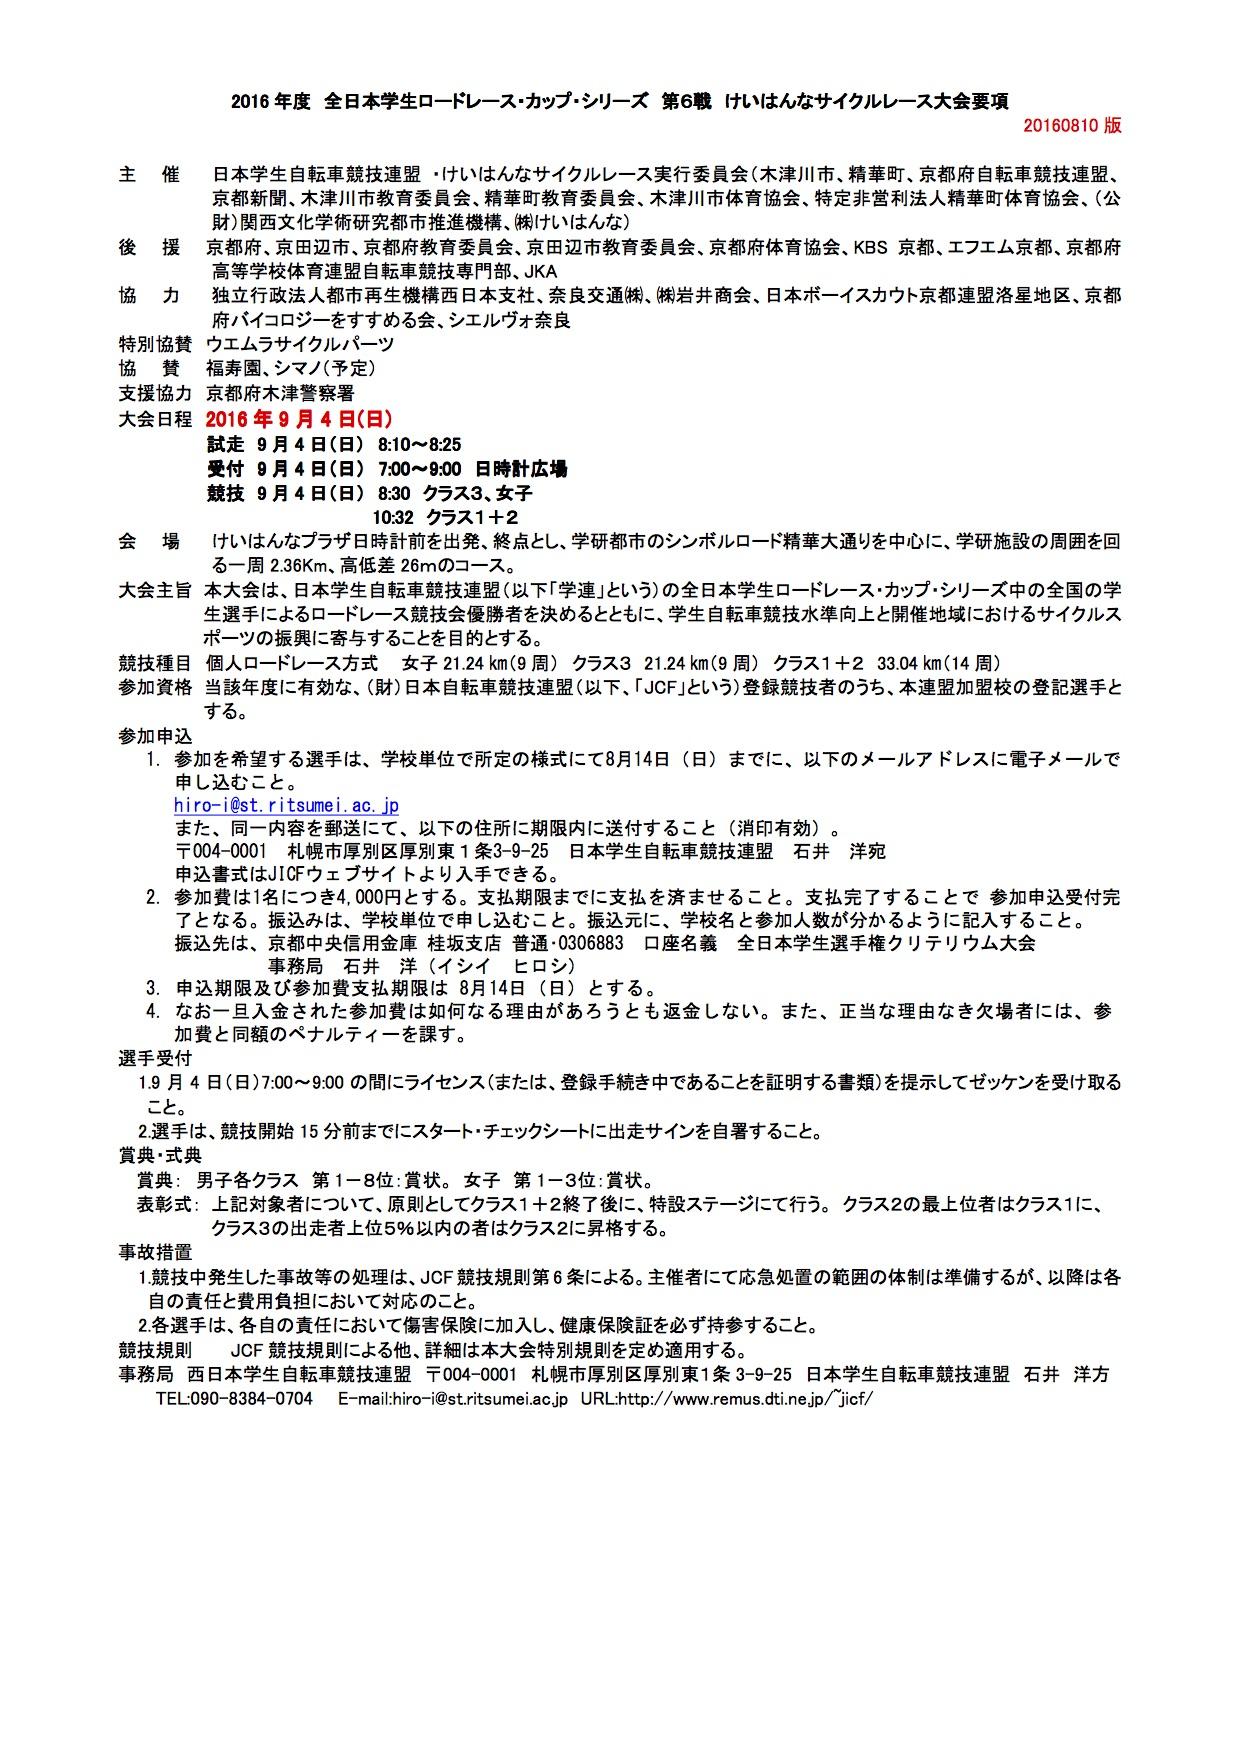 16rcs06_yoko_160810_01